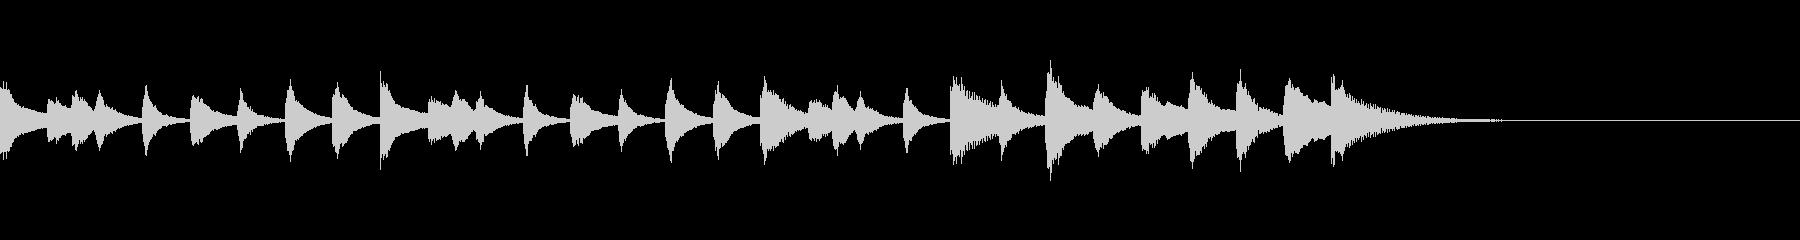 木琴のかわいい10秒のジングルの未再生の波形